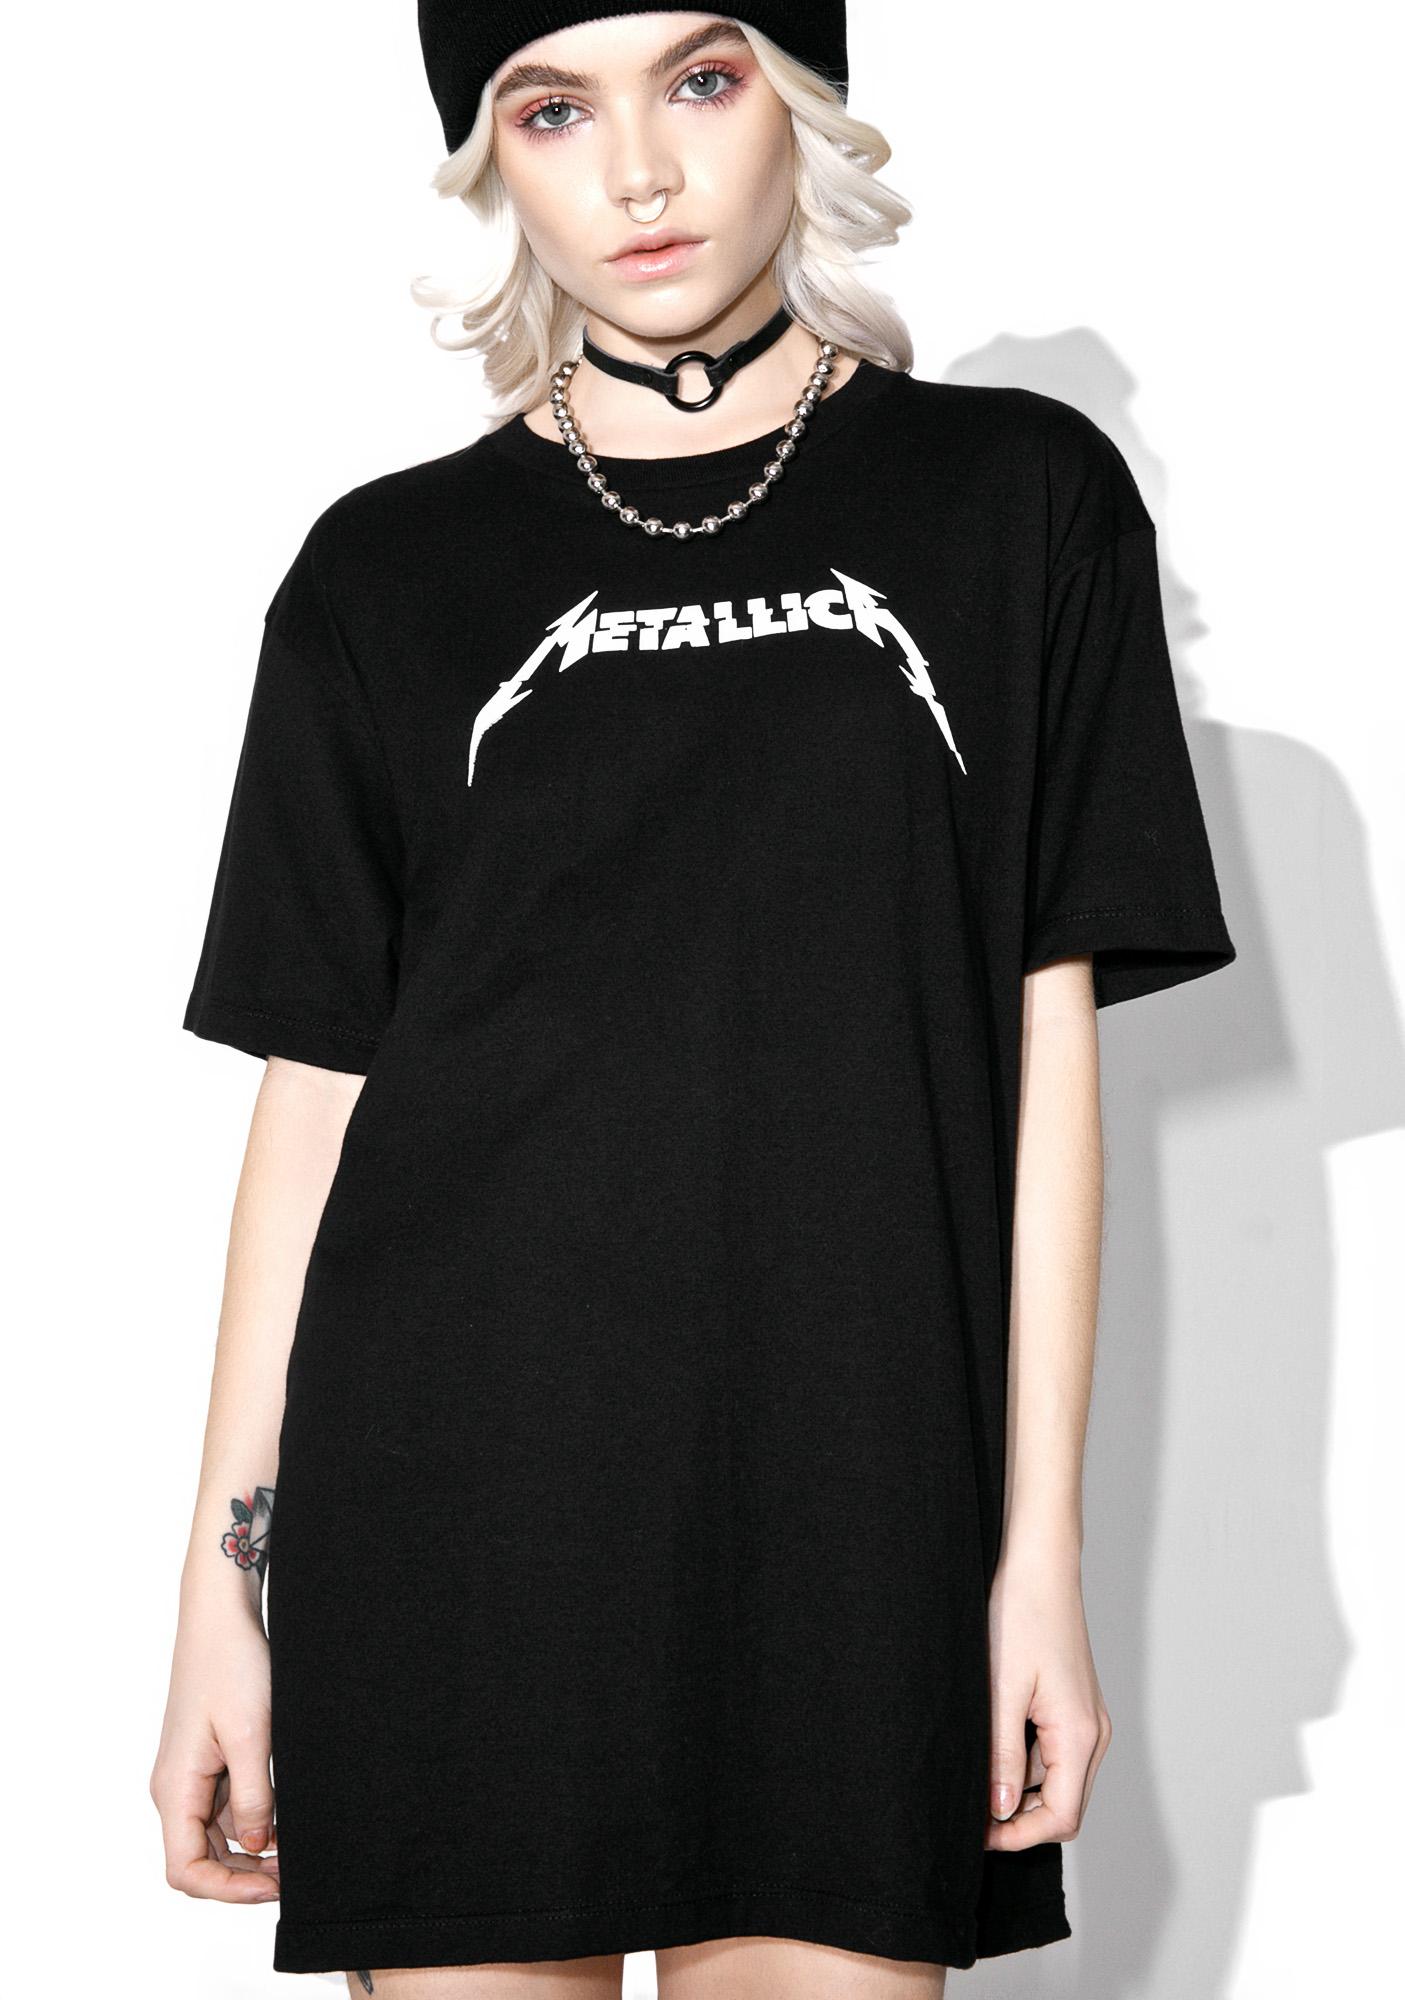 Metallica We're So Fucked Tee